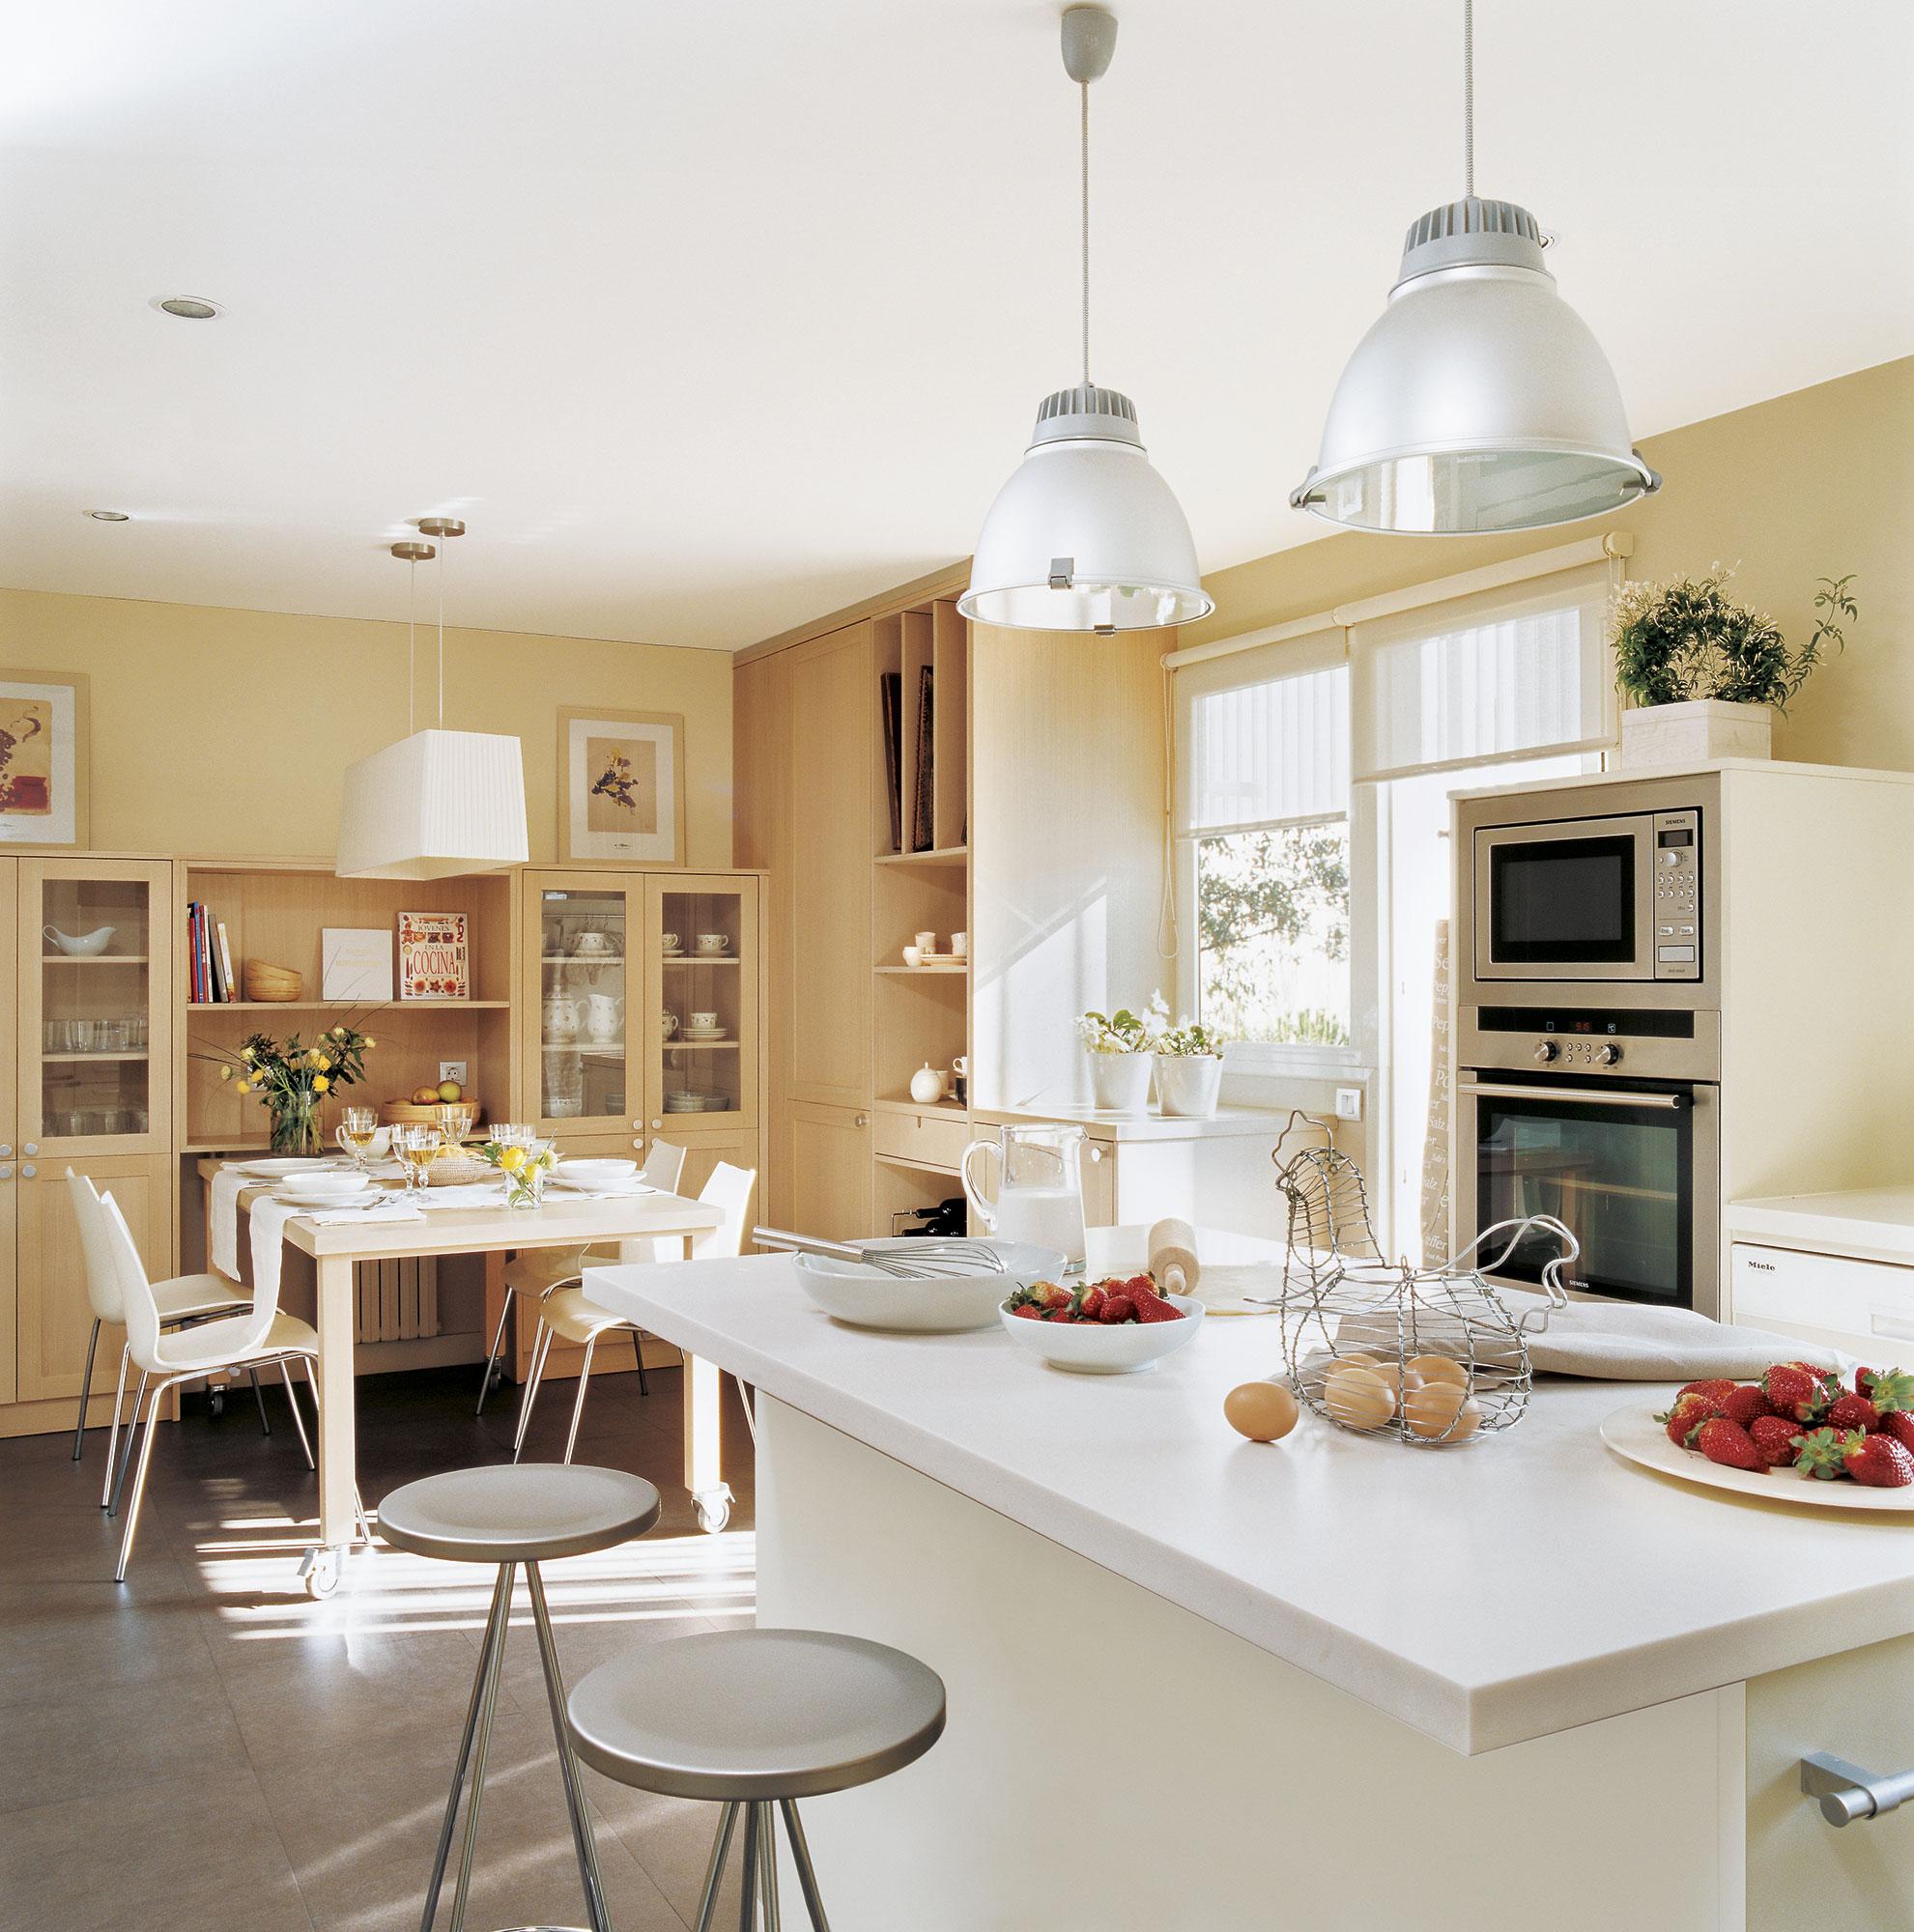 C mo tener un office en la cocina - Cocinas con office fotos ...